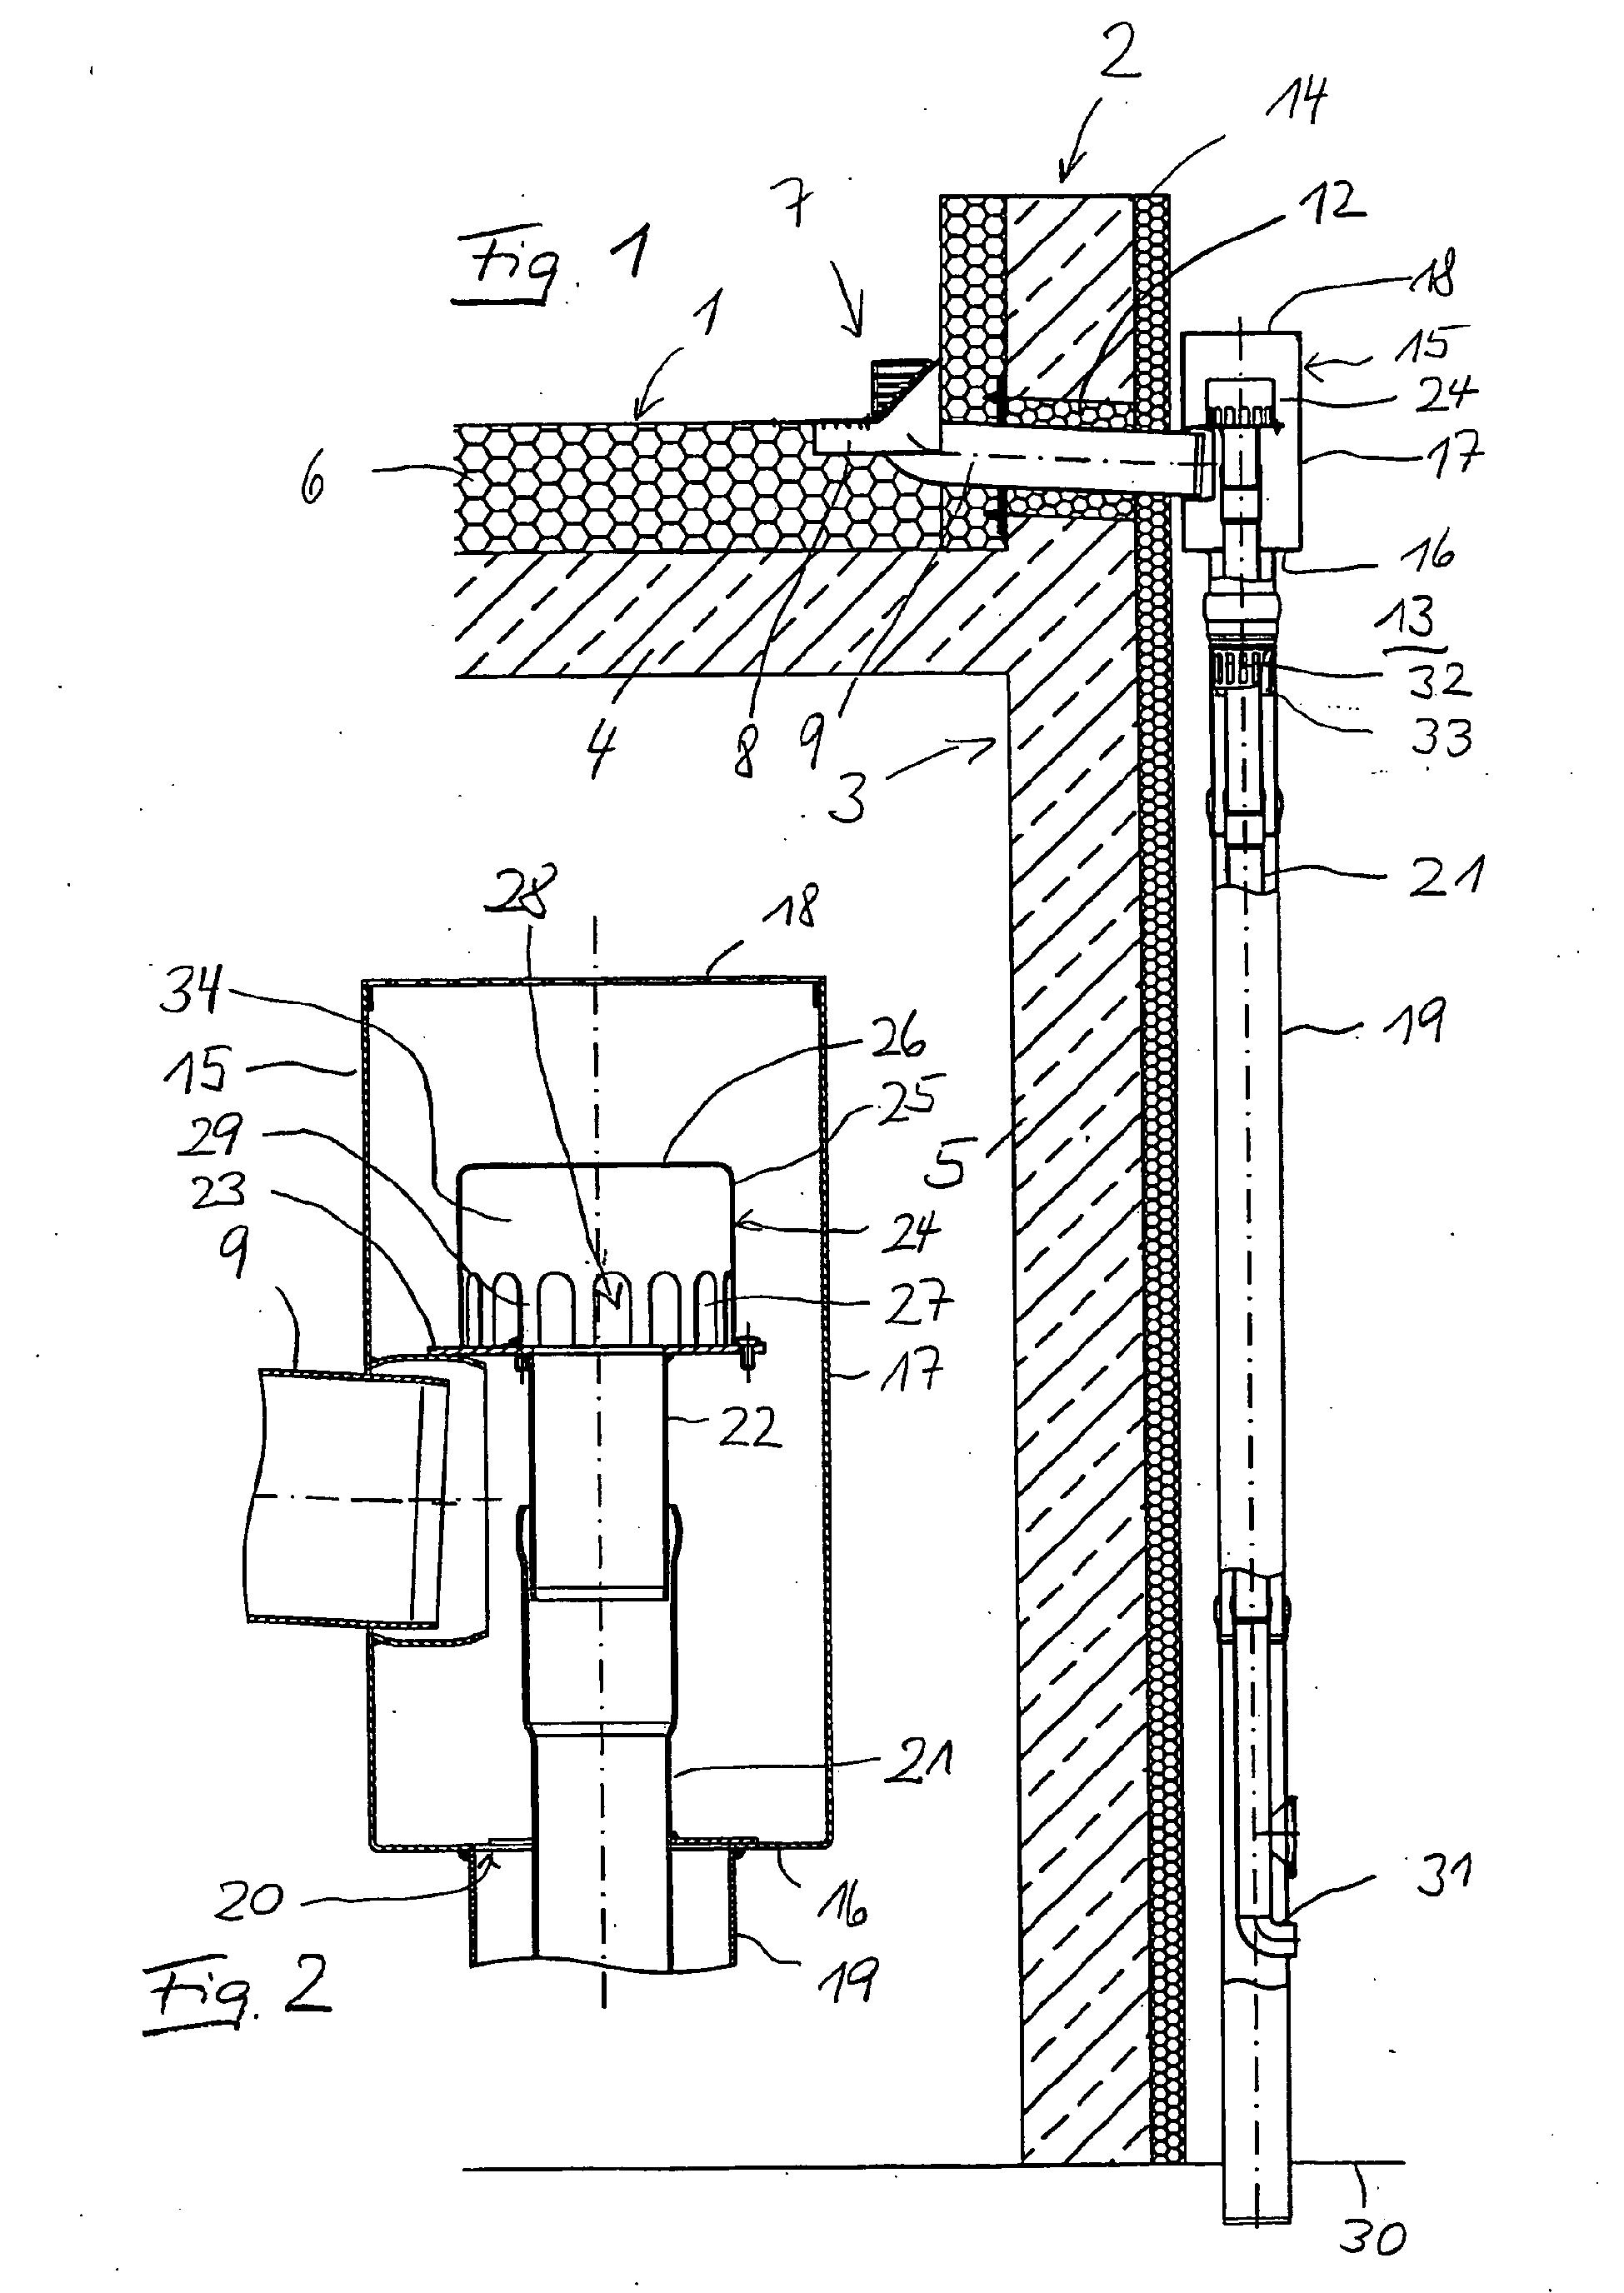 Fallrohr flachdach  Patent EP2146020B1 - Ablaufeinrichtung mit einer durch einen ...